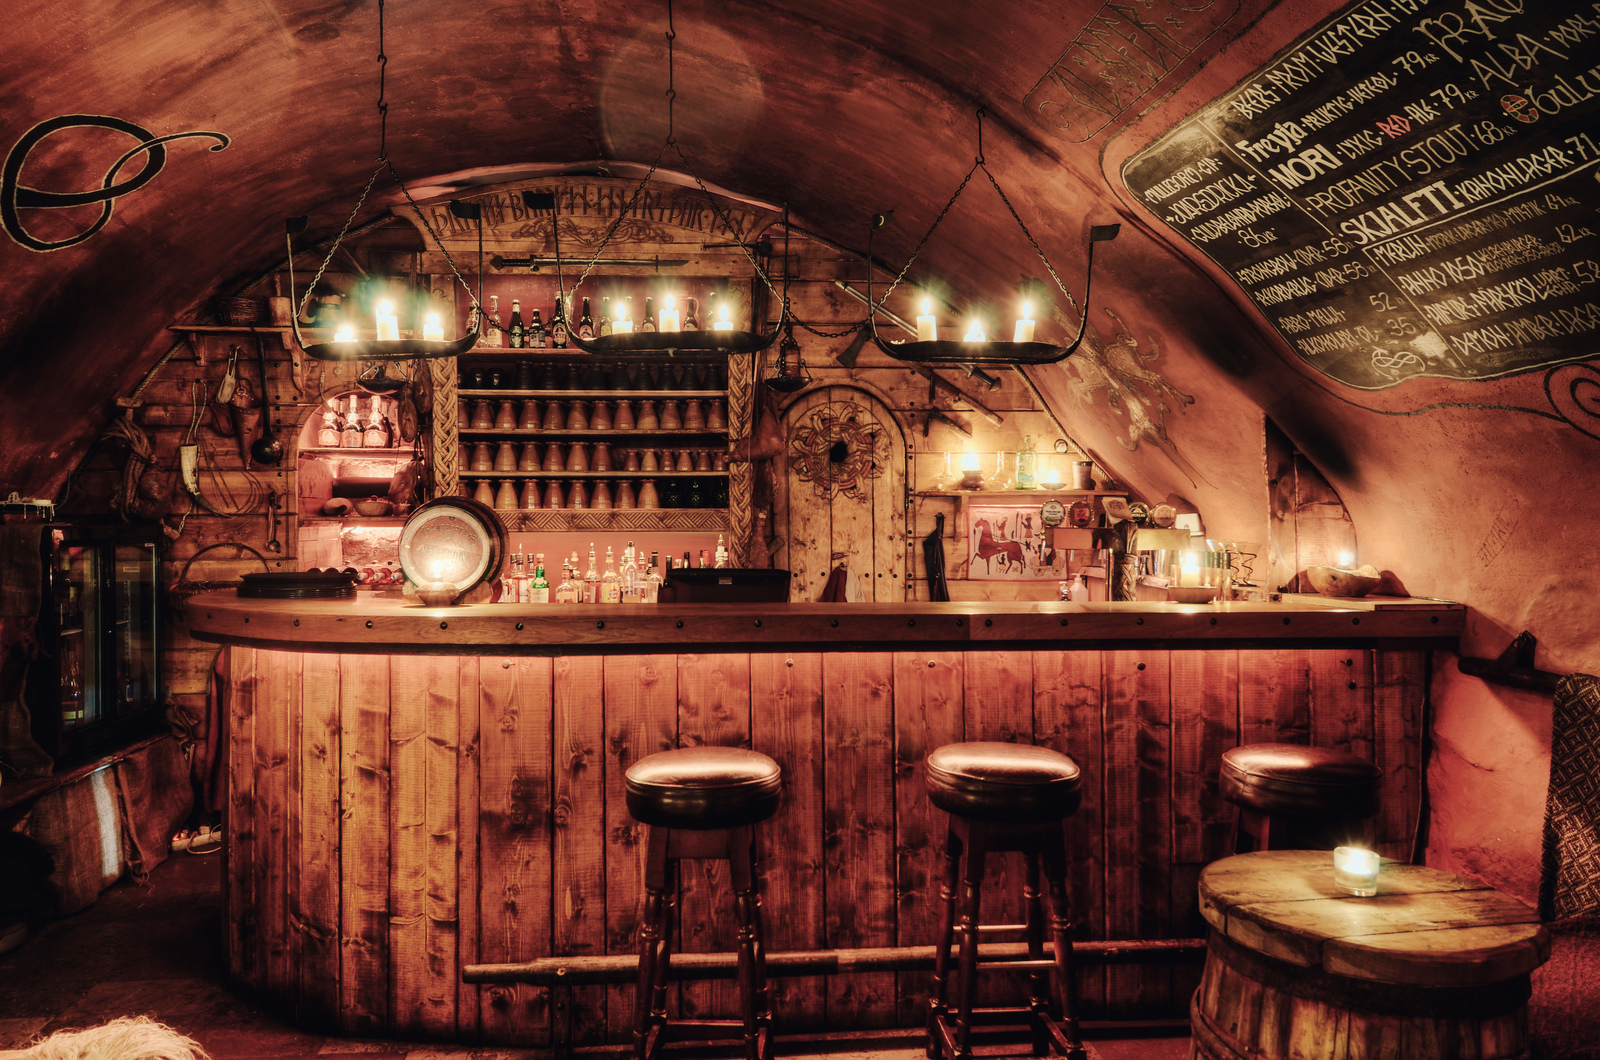 Airfur Restaurant Photo credit: Pinterest